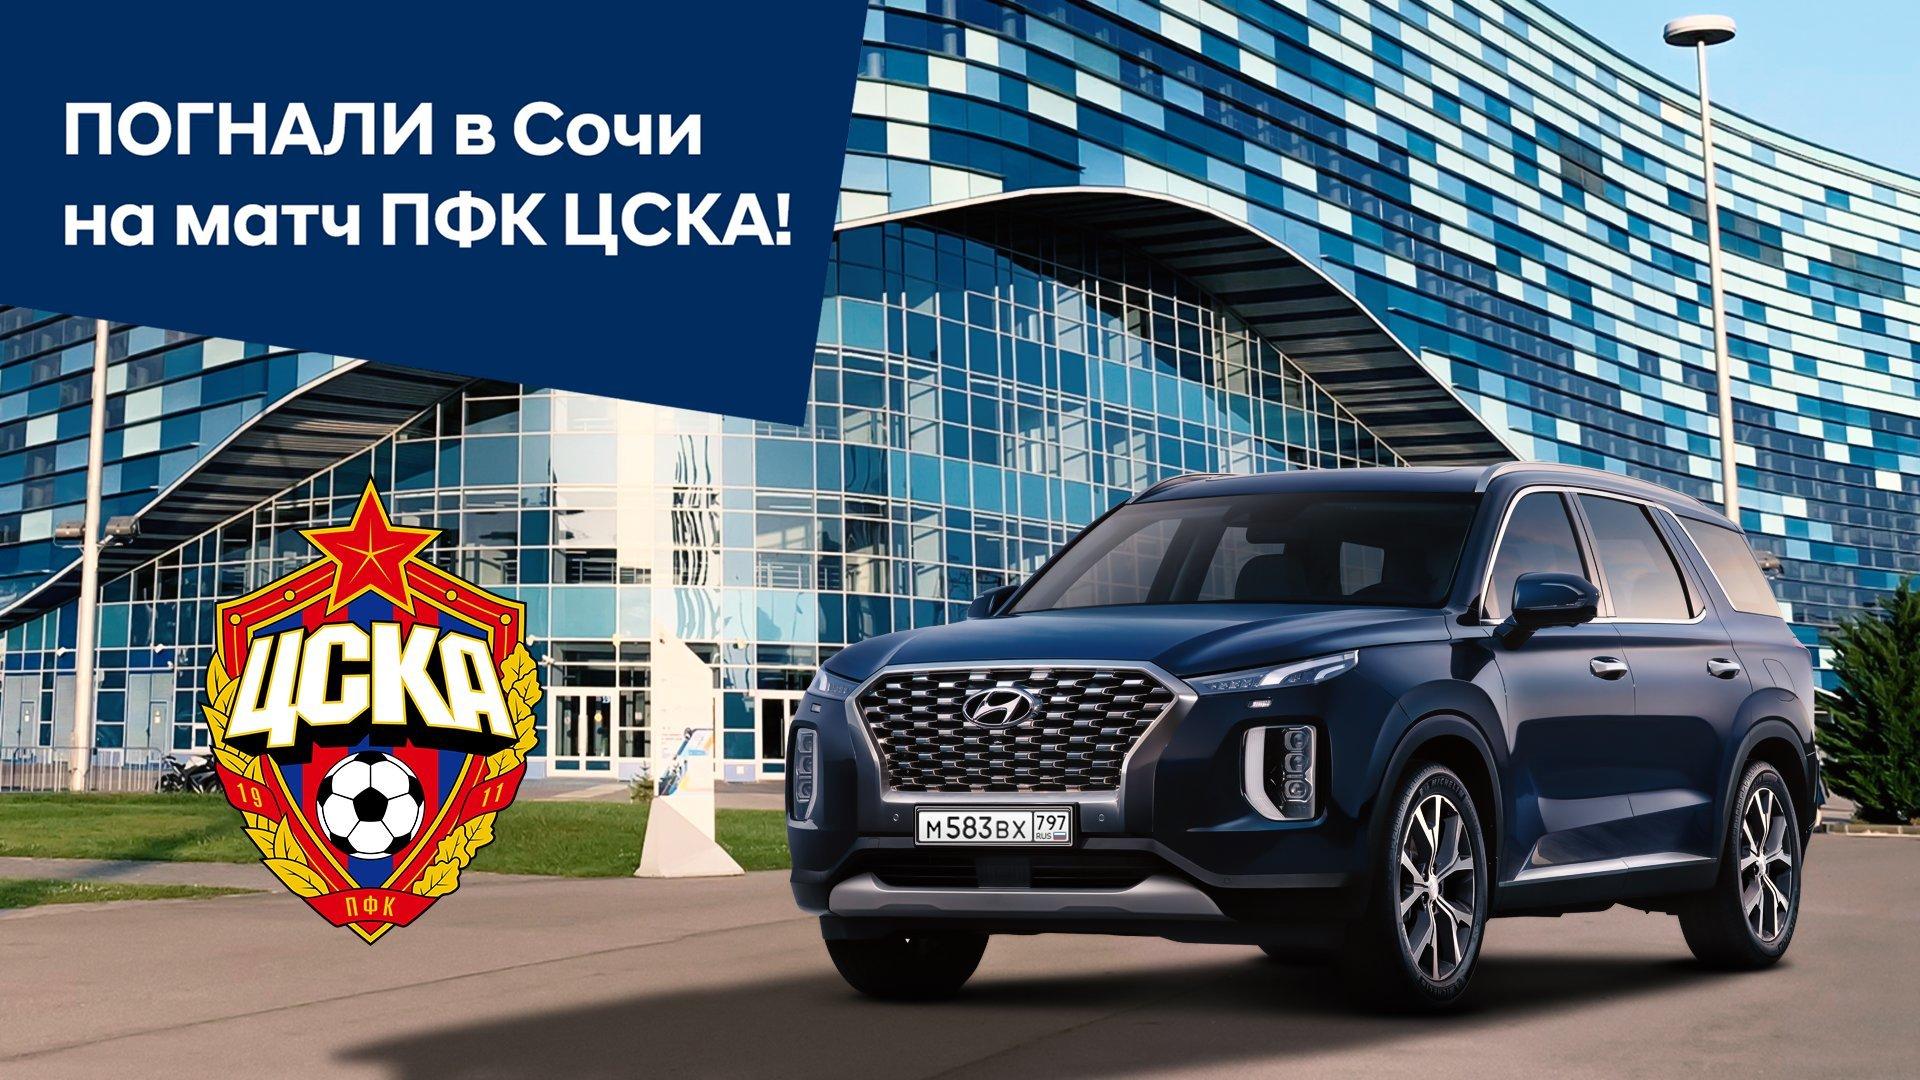 «Погнали!» — новый YouTube-проект Hyundai и ЦСКА про путешествия, футбол и не только…